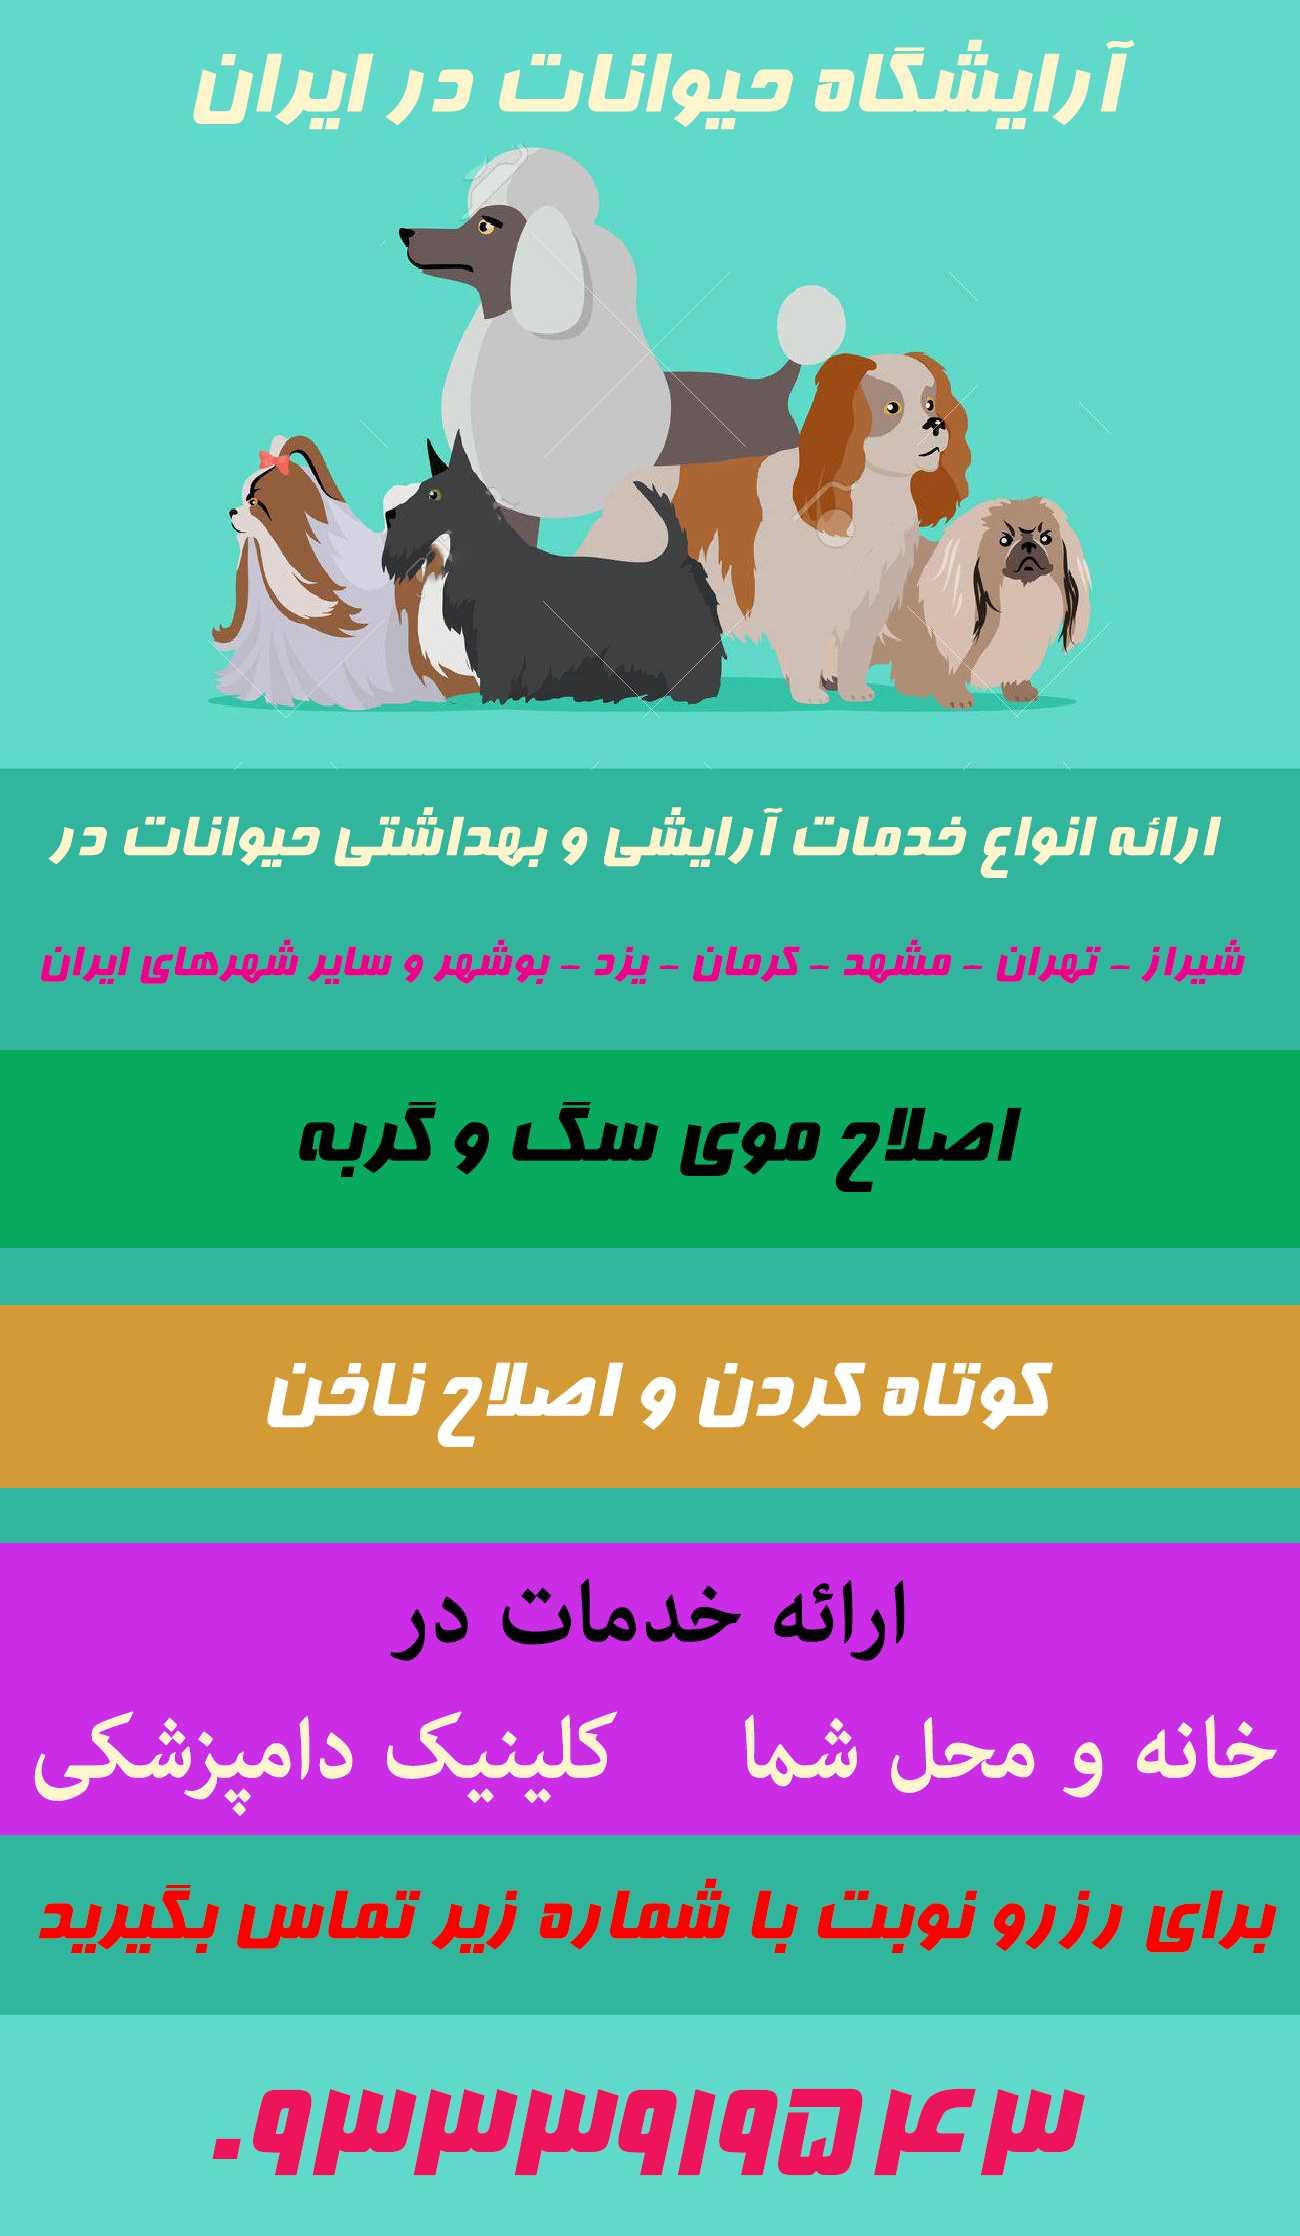 آرایشگاه حیوانات خانگی و سگ و گربه در شیراز تهران مشهد کرمان یزد بوشهر اصفهان و سایر شهر های ایران